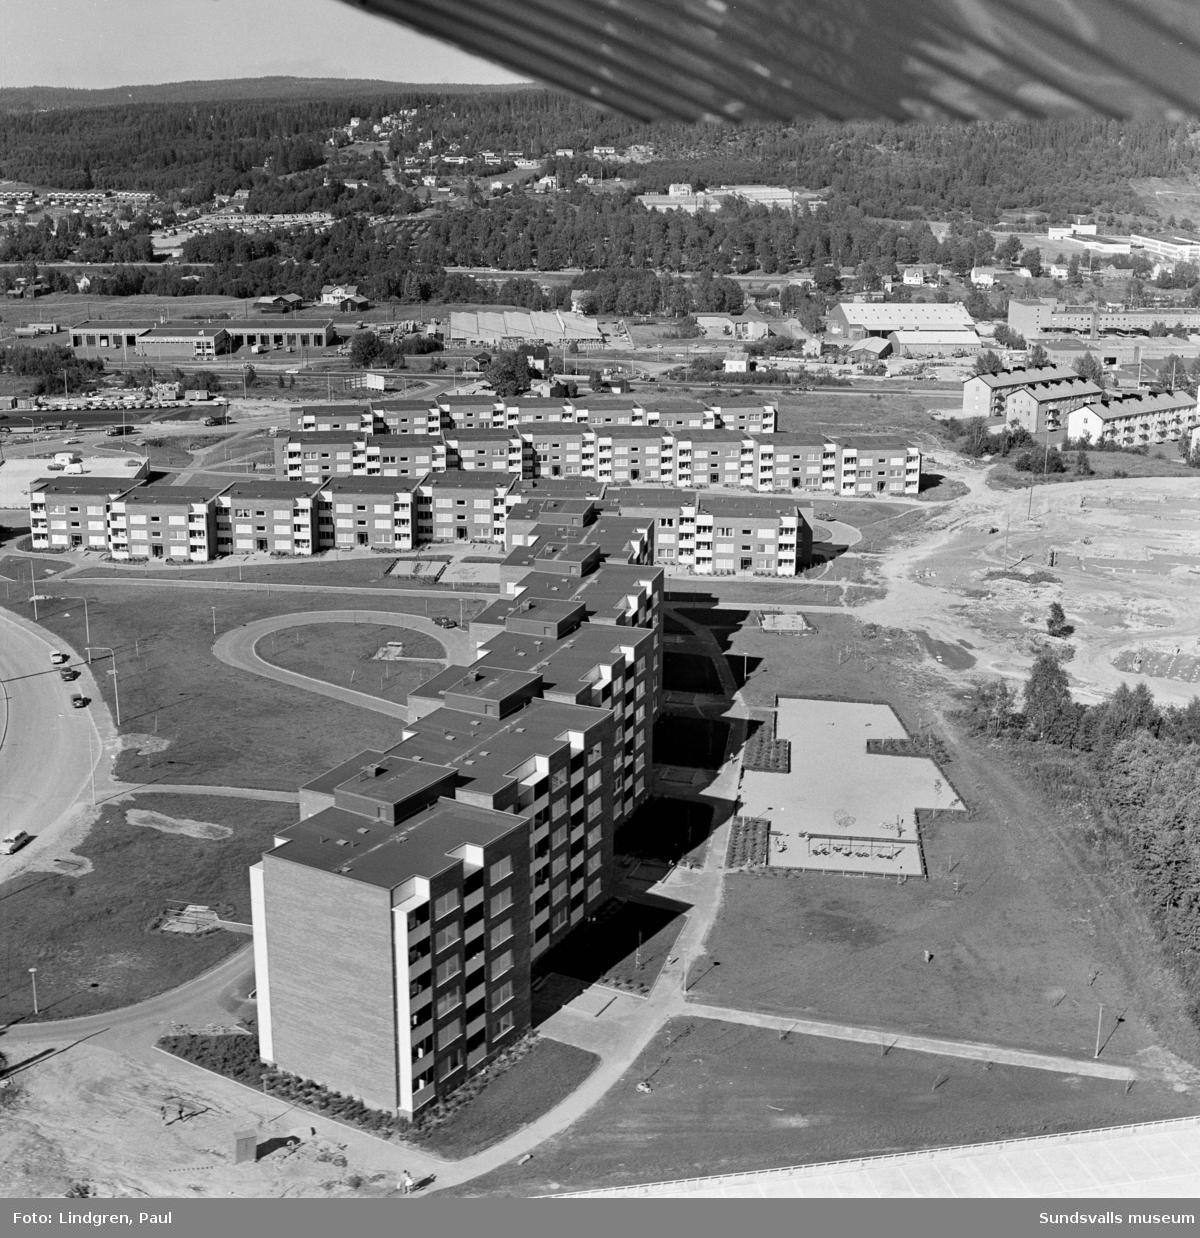 Flygfotografi över stadsdelen Nacksta under uppförande, 1970. Östra delen med hyresbostäder, etapp 1, uppfördes av AB Sudnsvallsbyggen mellan 1967 och 1971. Höghuset i kv Vetet 5, Nackstavägen 25, var den första huset som stod inflyttningsklart, 1967.